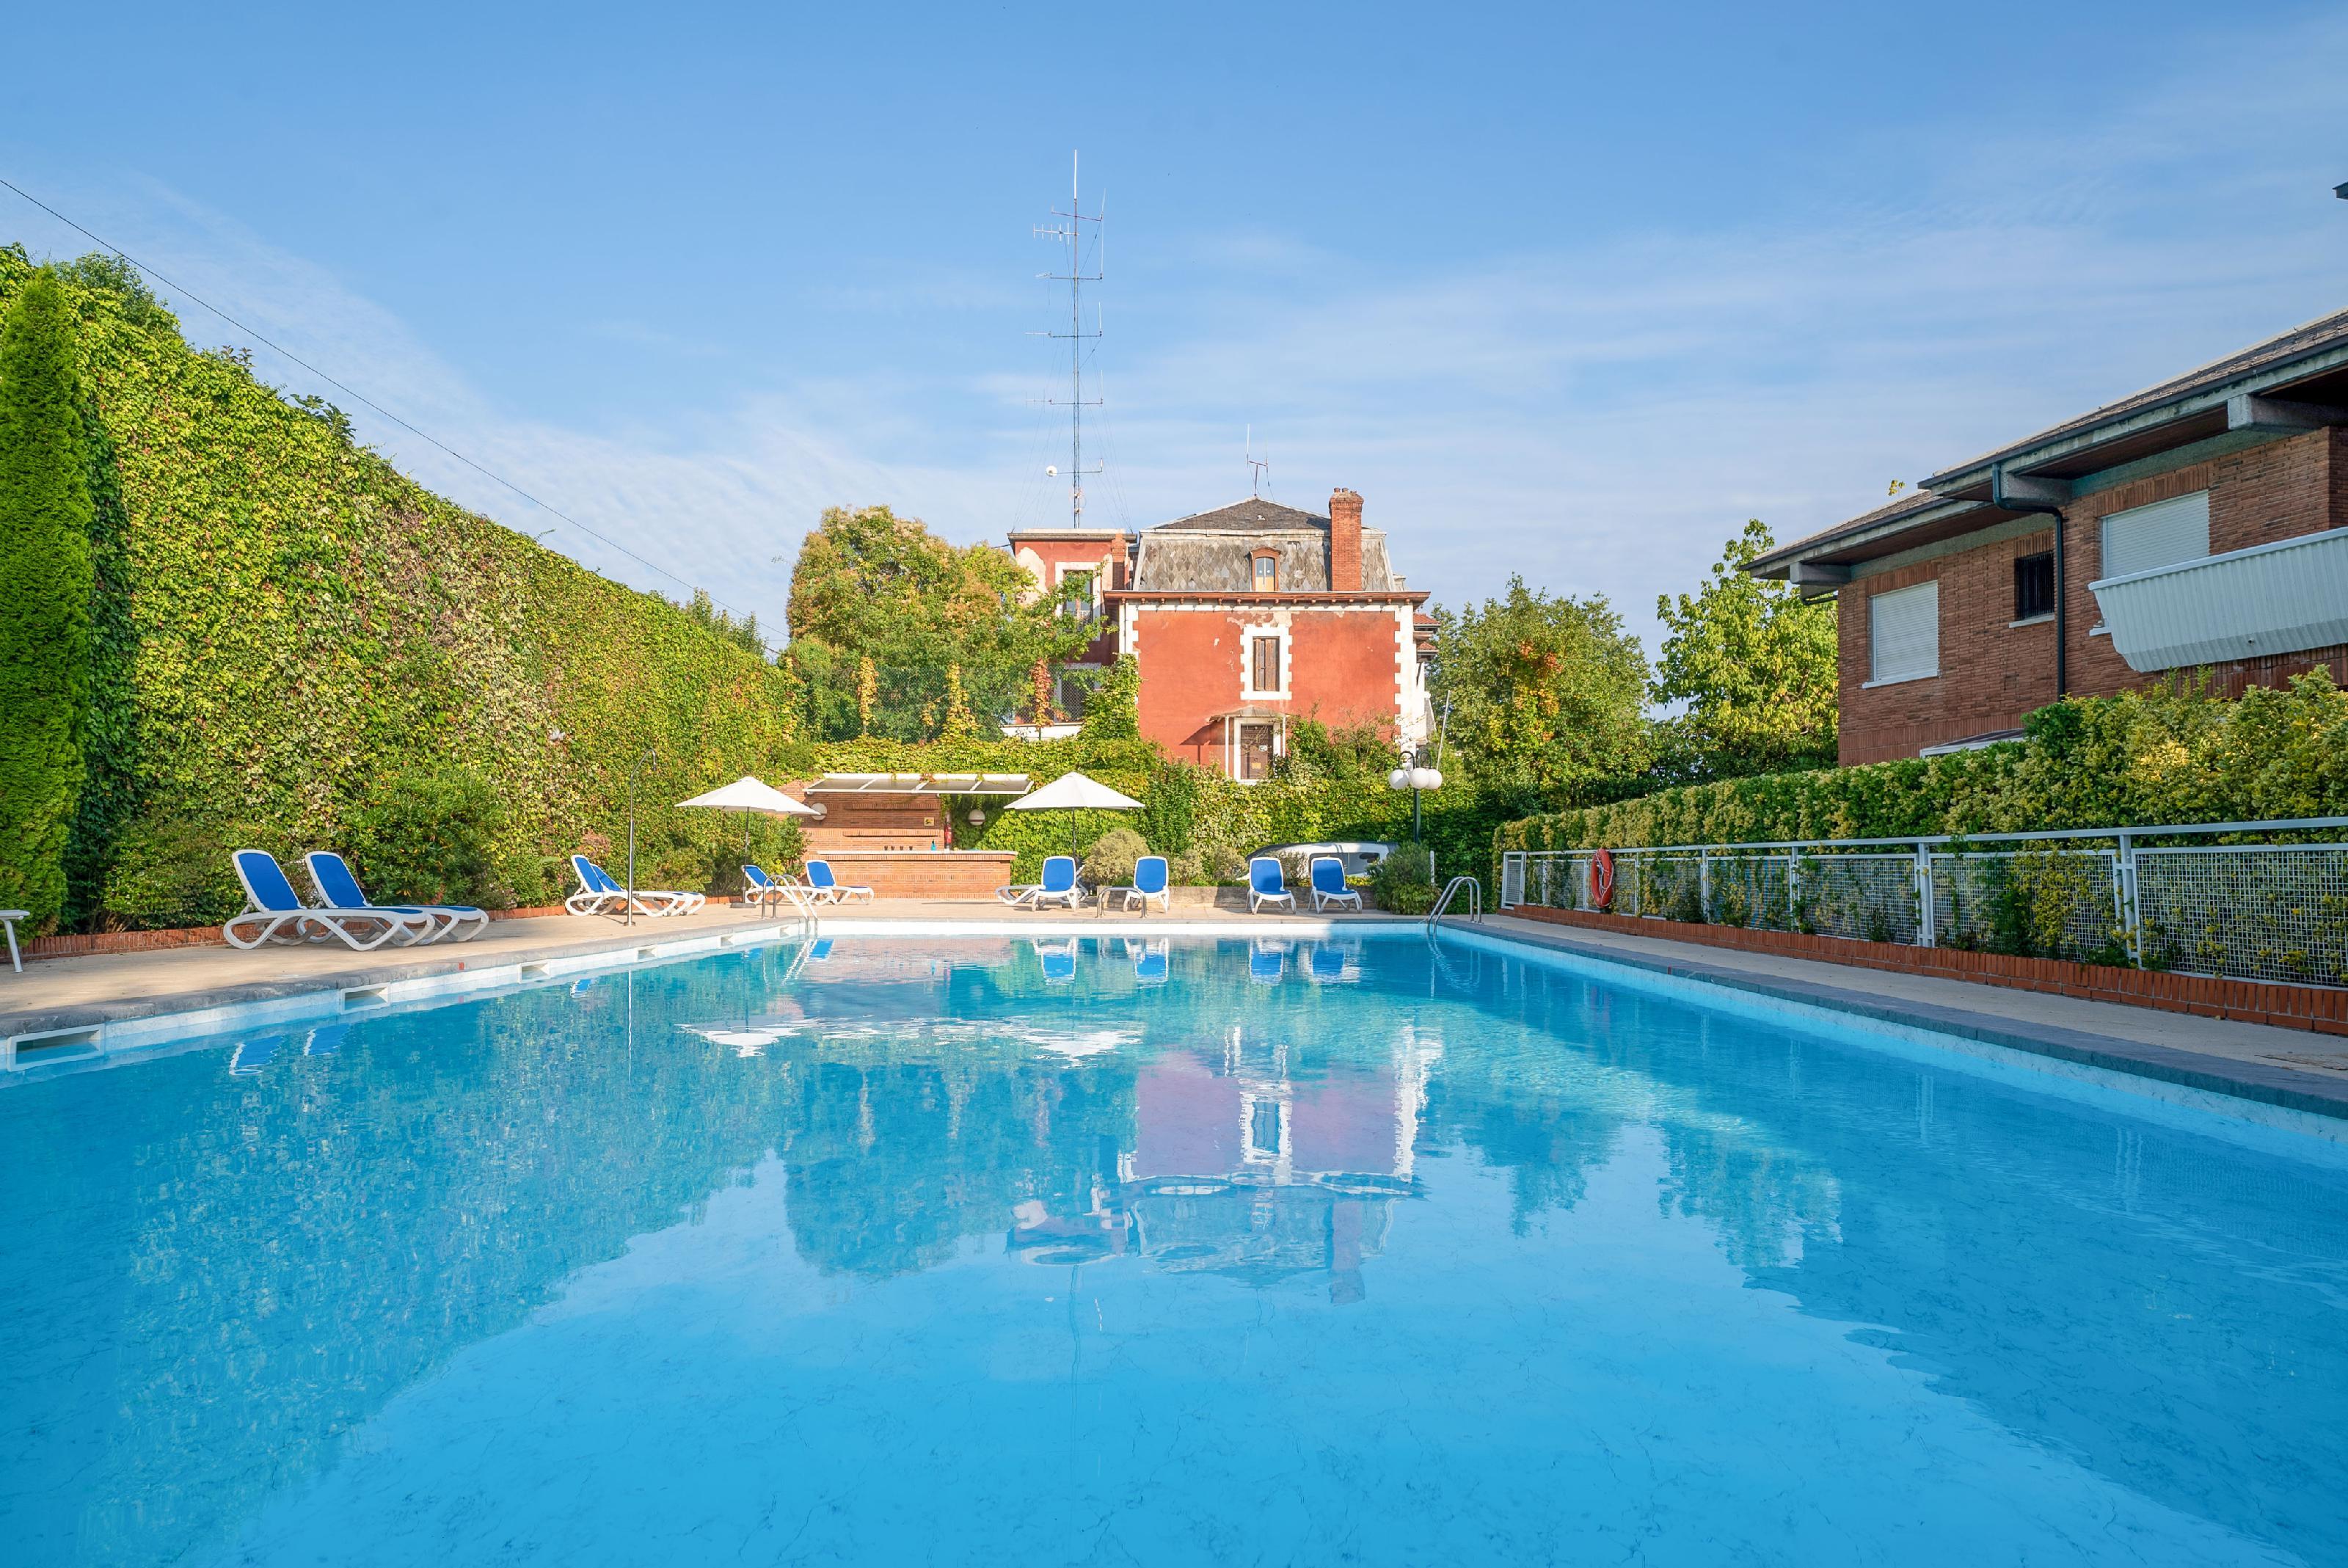 Imagen 1 Casa en venta en Donostia-San Sebastián / Urb.privada- Ategorrieta- A 5 minutos de la Zurriola